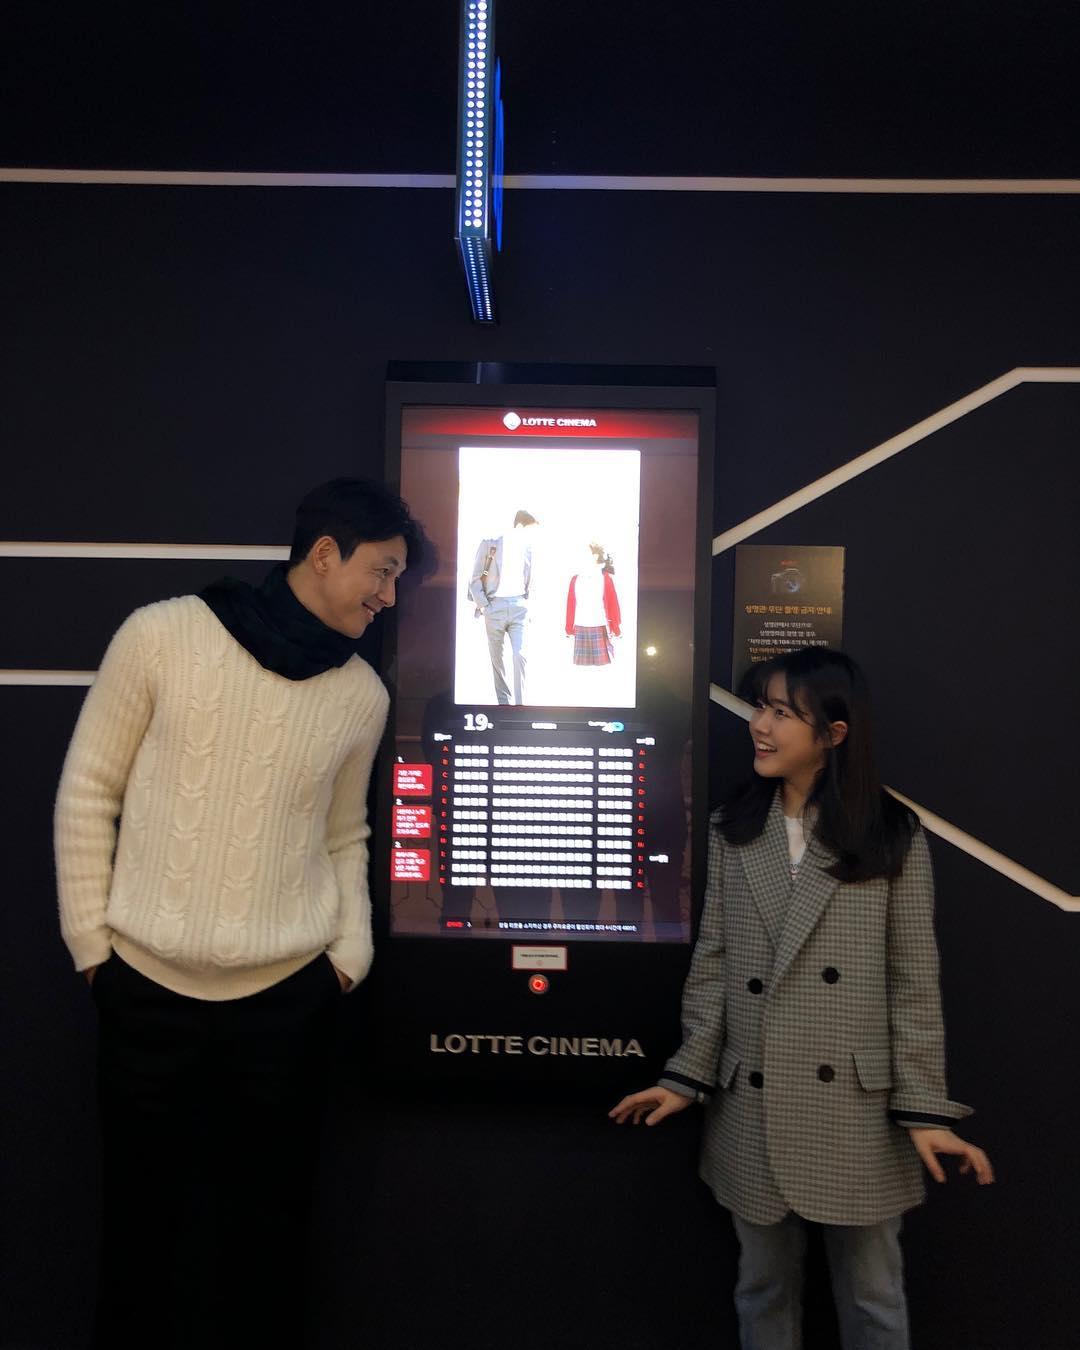 缘分!两人相隔17年又重逢啦,金香起与郑雨盛合作电影《证人》韩国热映!插图